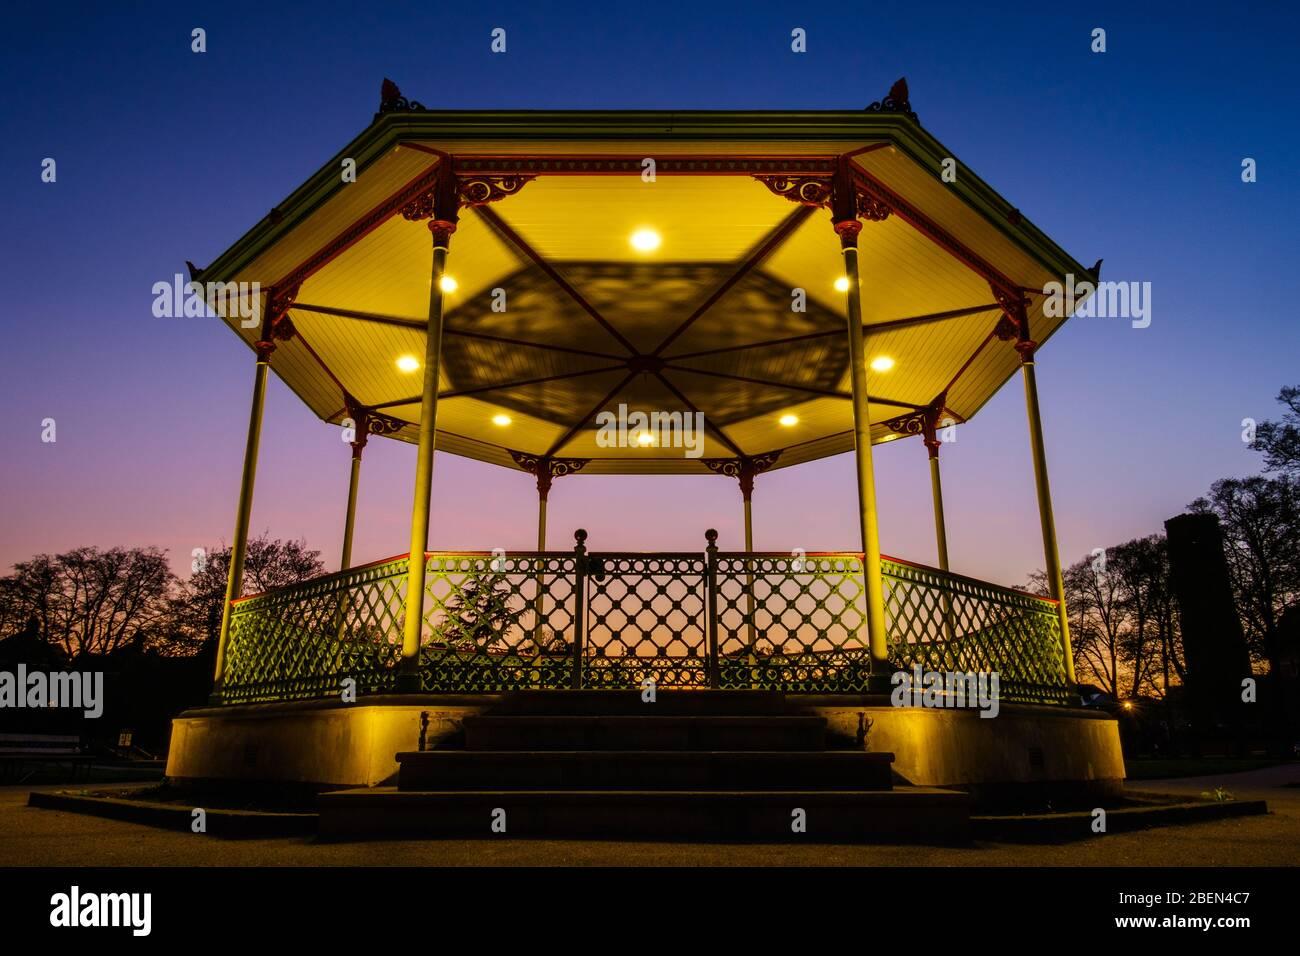 Viktorianischer Bandstand in den Royal Pump Rooms Gardens, Royal Leamington Spa, einen Monat nach der Renovierung im Jahr 2019, die im März 2020 abgeschlossen wurde. Stockfoto